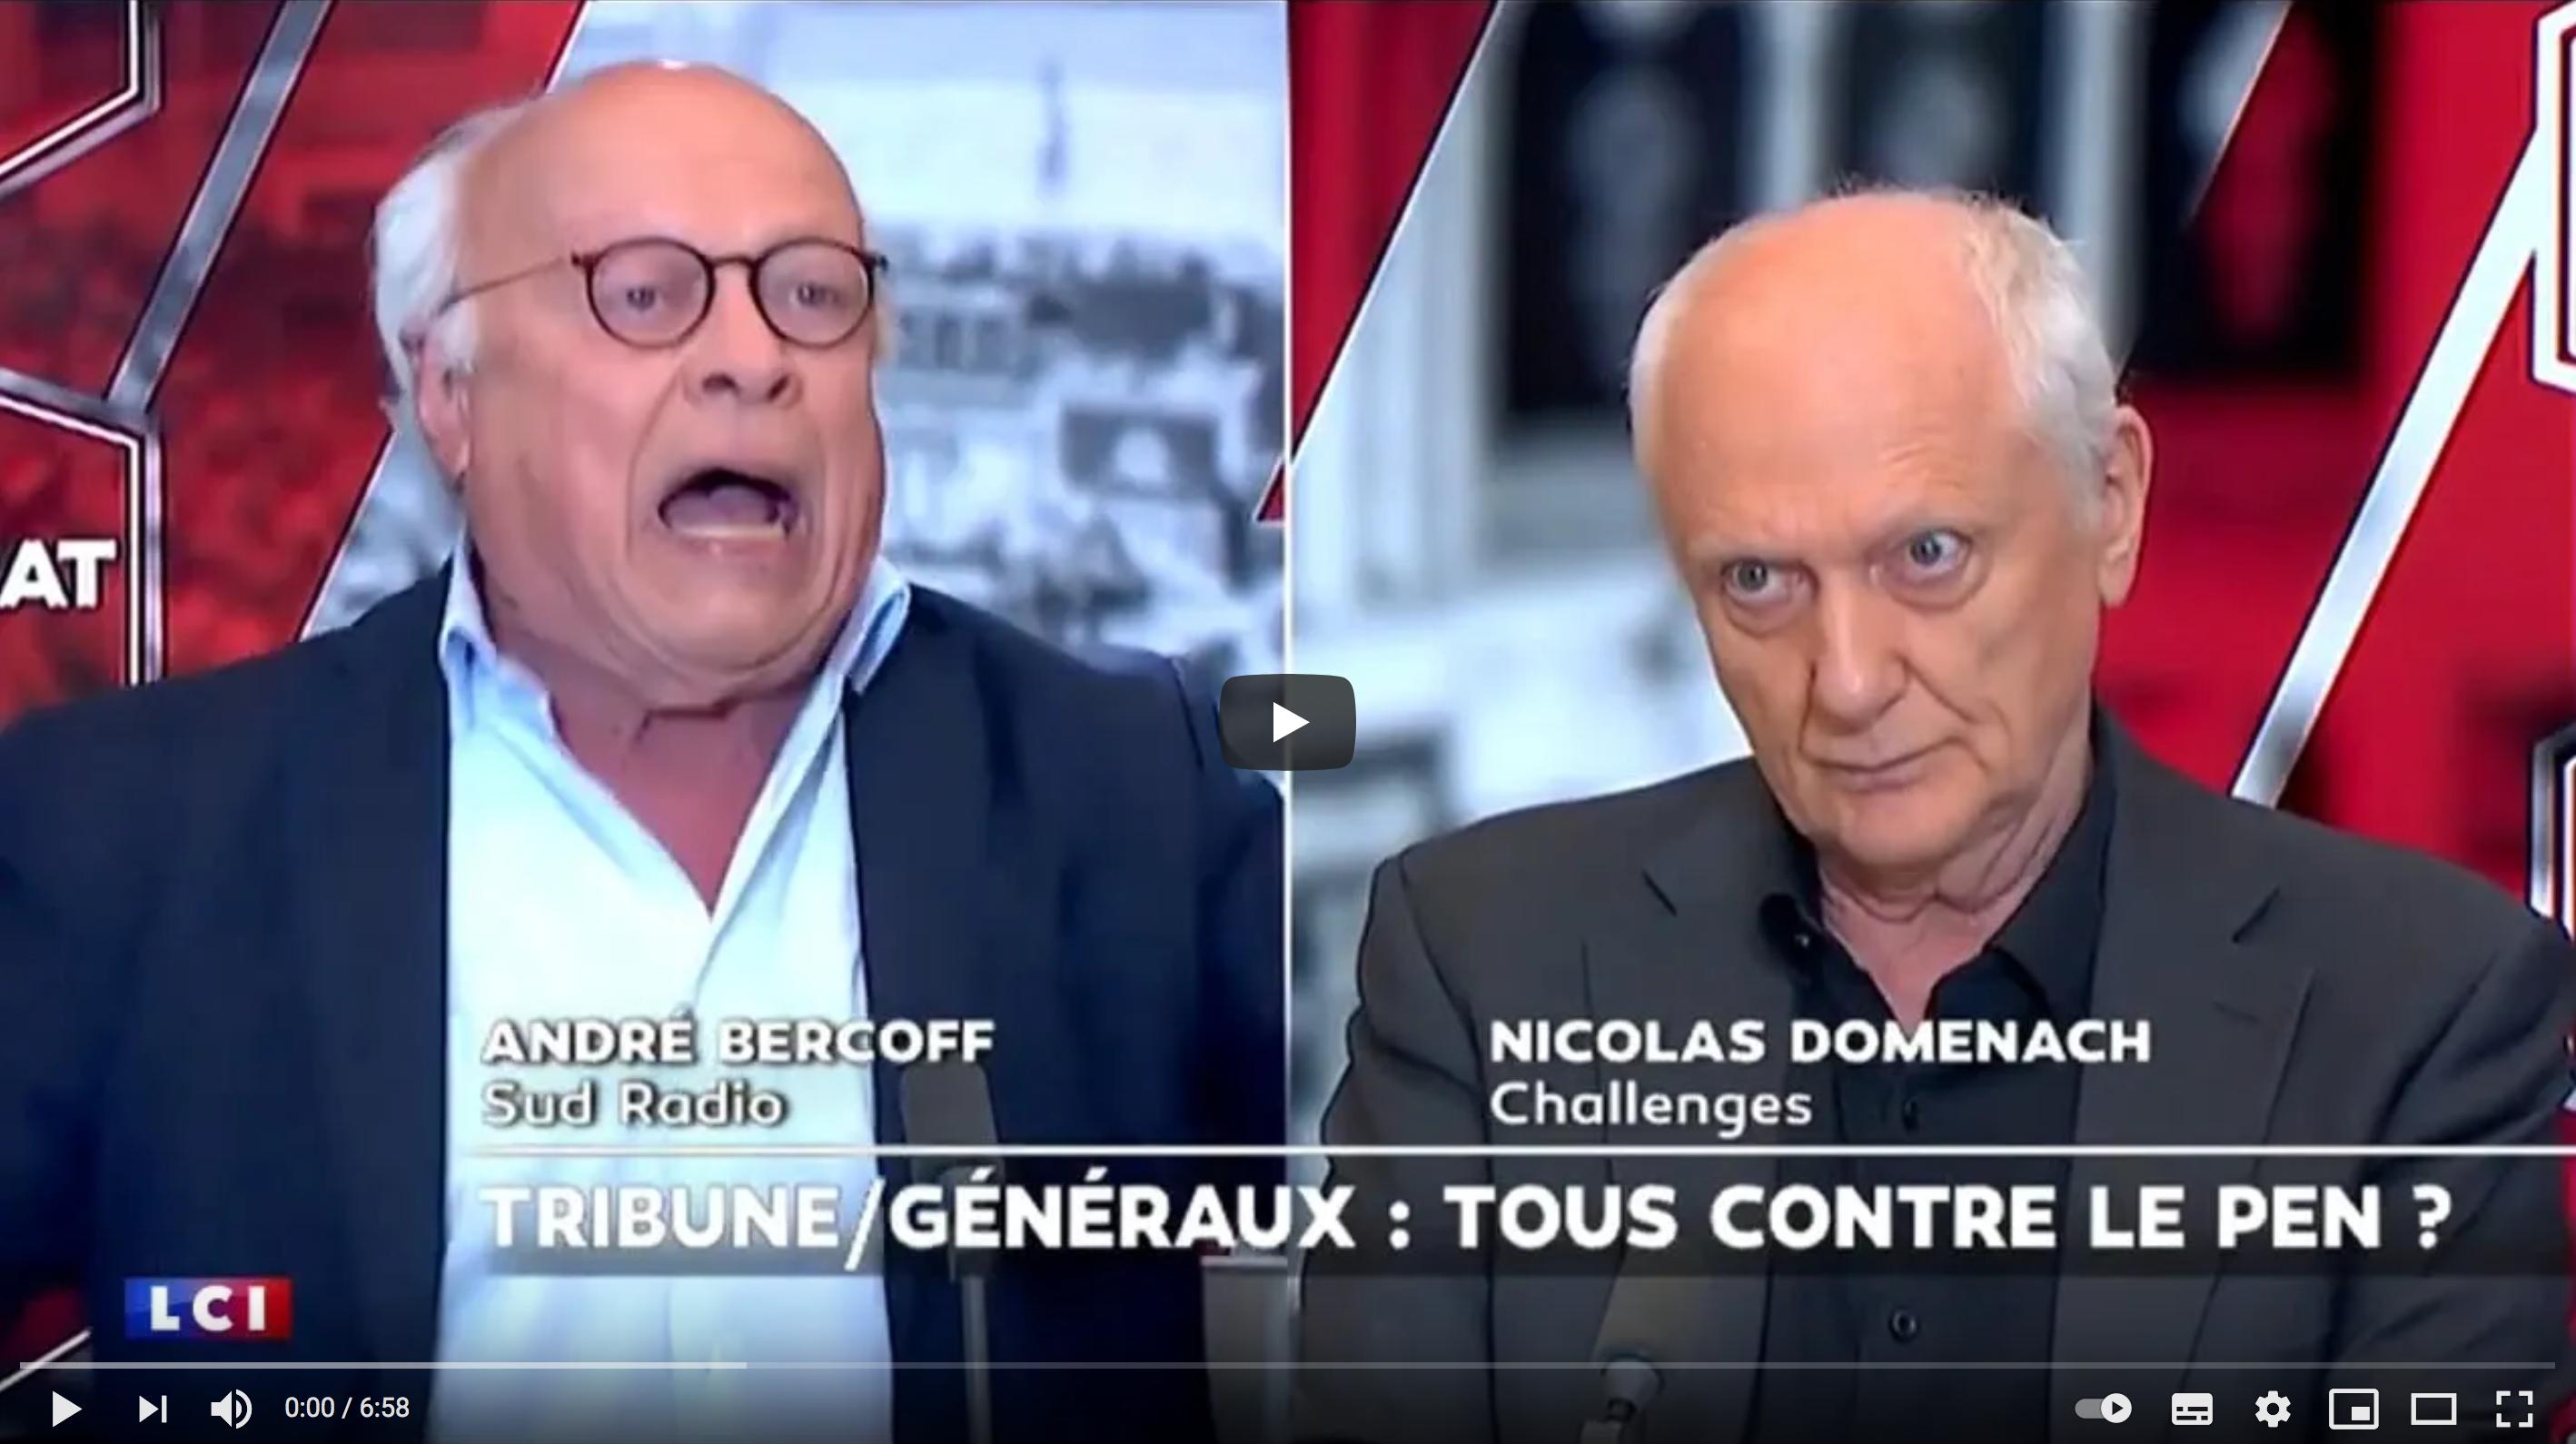 """André Bercoff s'enflamme au sujet de la tribune des anciens généraux dans """"Valeurs Actuelles"""" (VIDÉO)"""